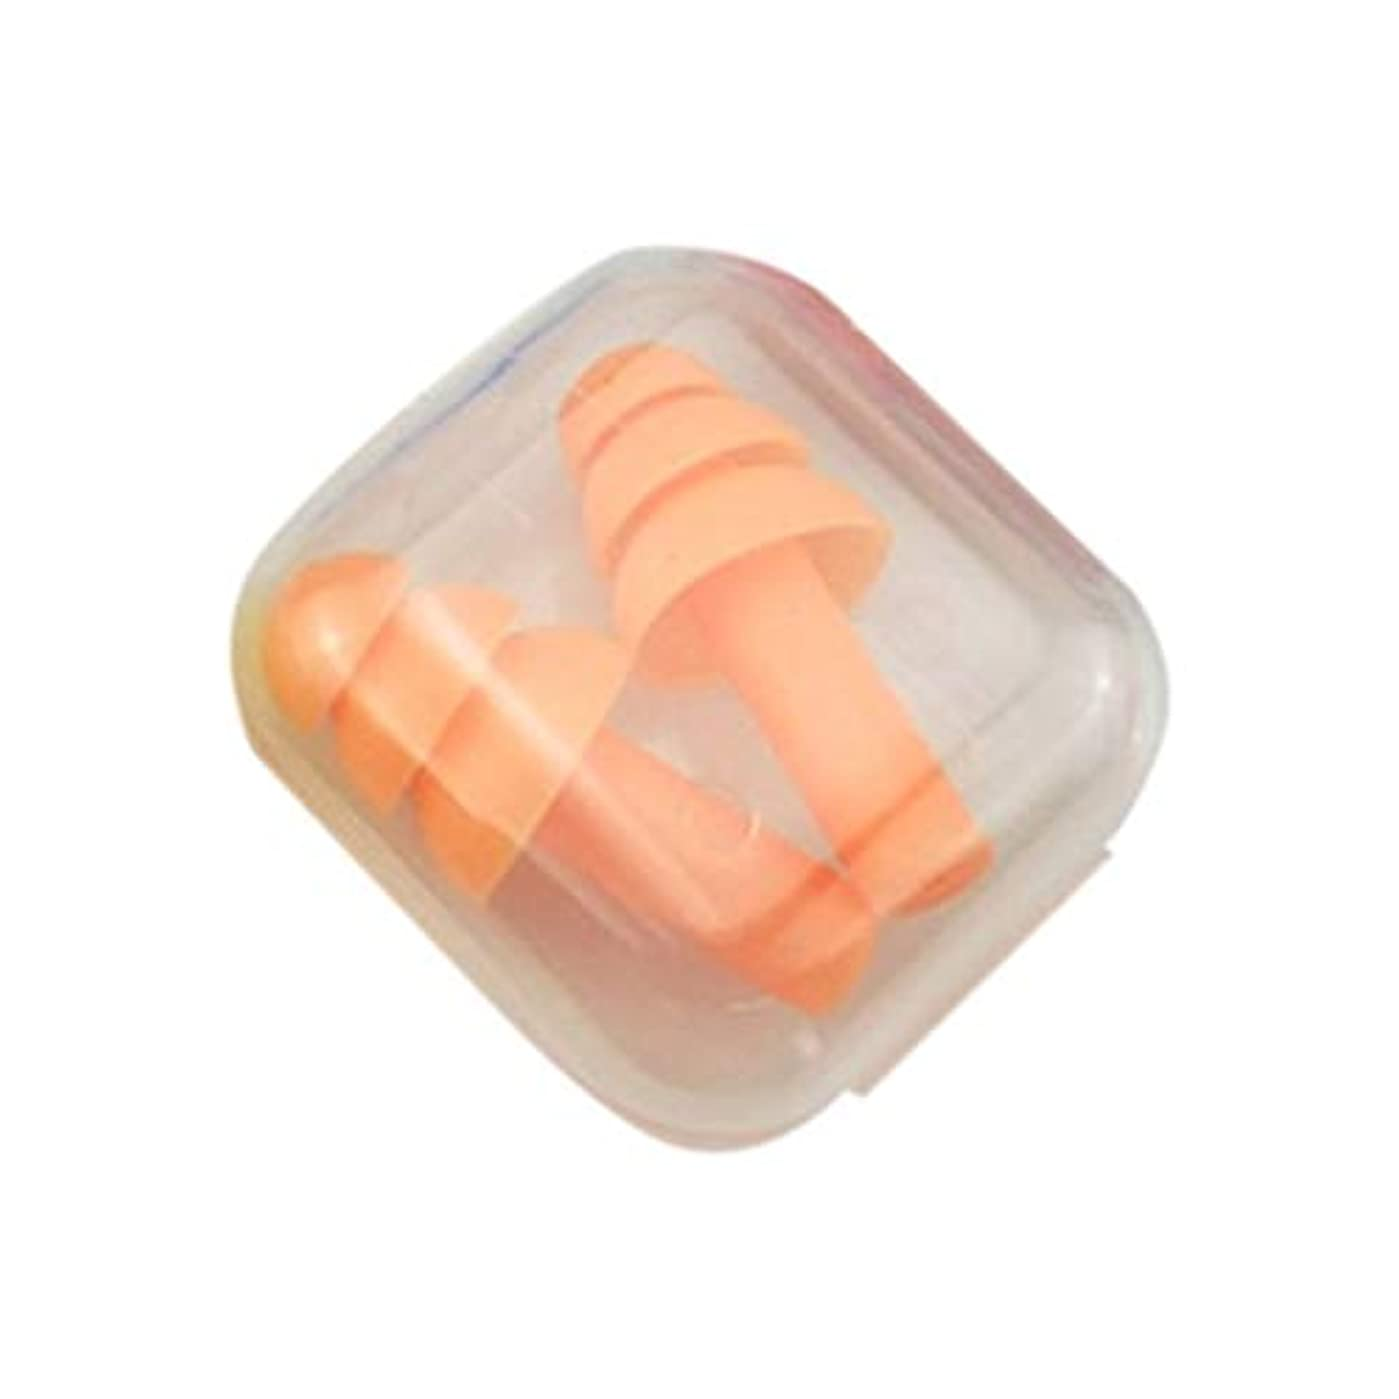 収束役員無視柔らかいシリコーンの耳栓遮音用耳の保護用の耳栓防音睡眠ボックス付き収納ボックス - オレンジ